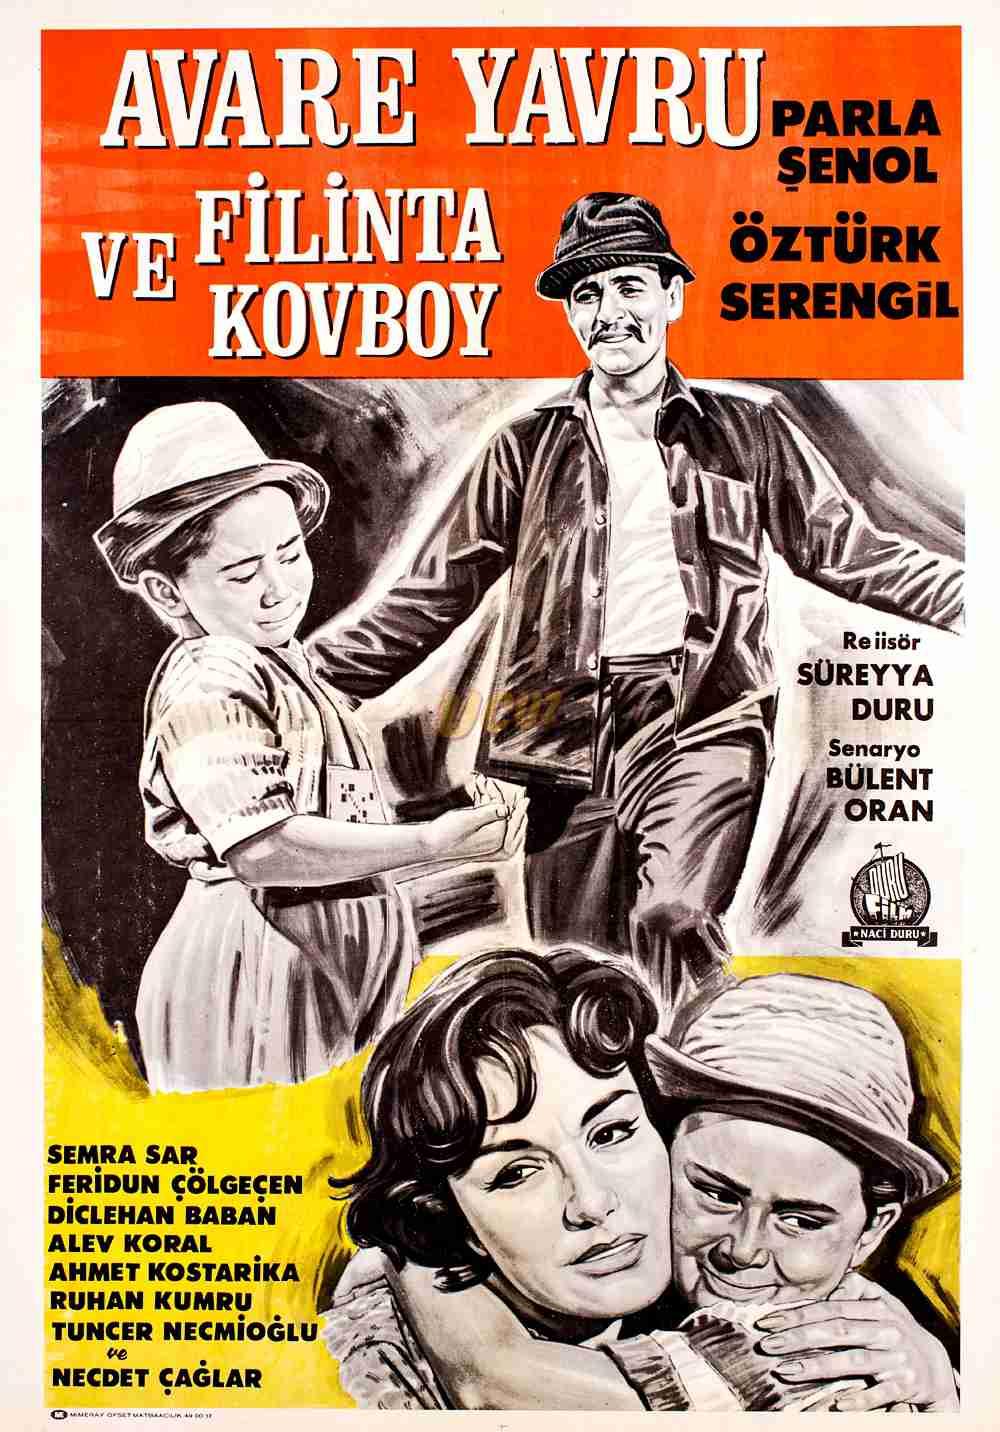 avare_yavru_filinta_kovboy_1964